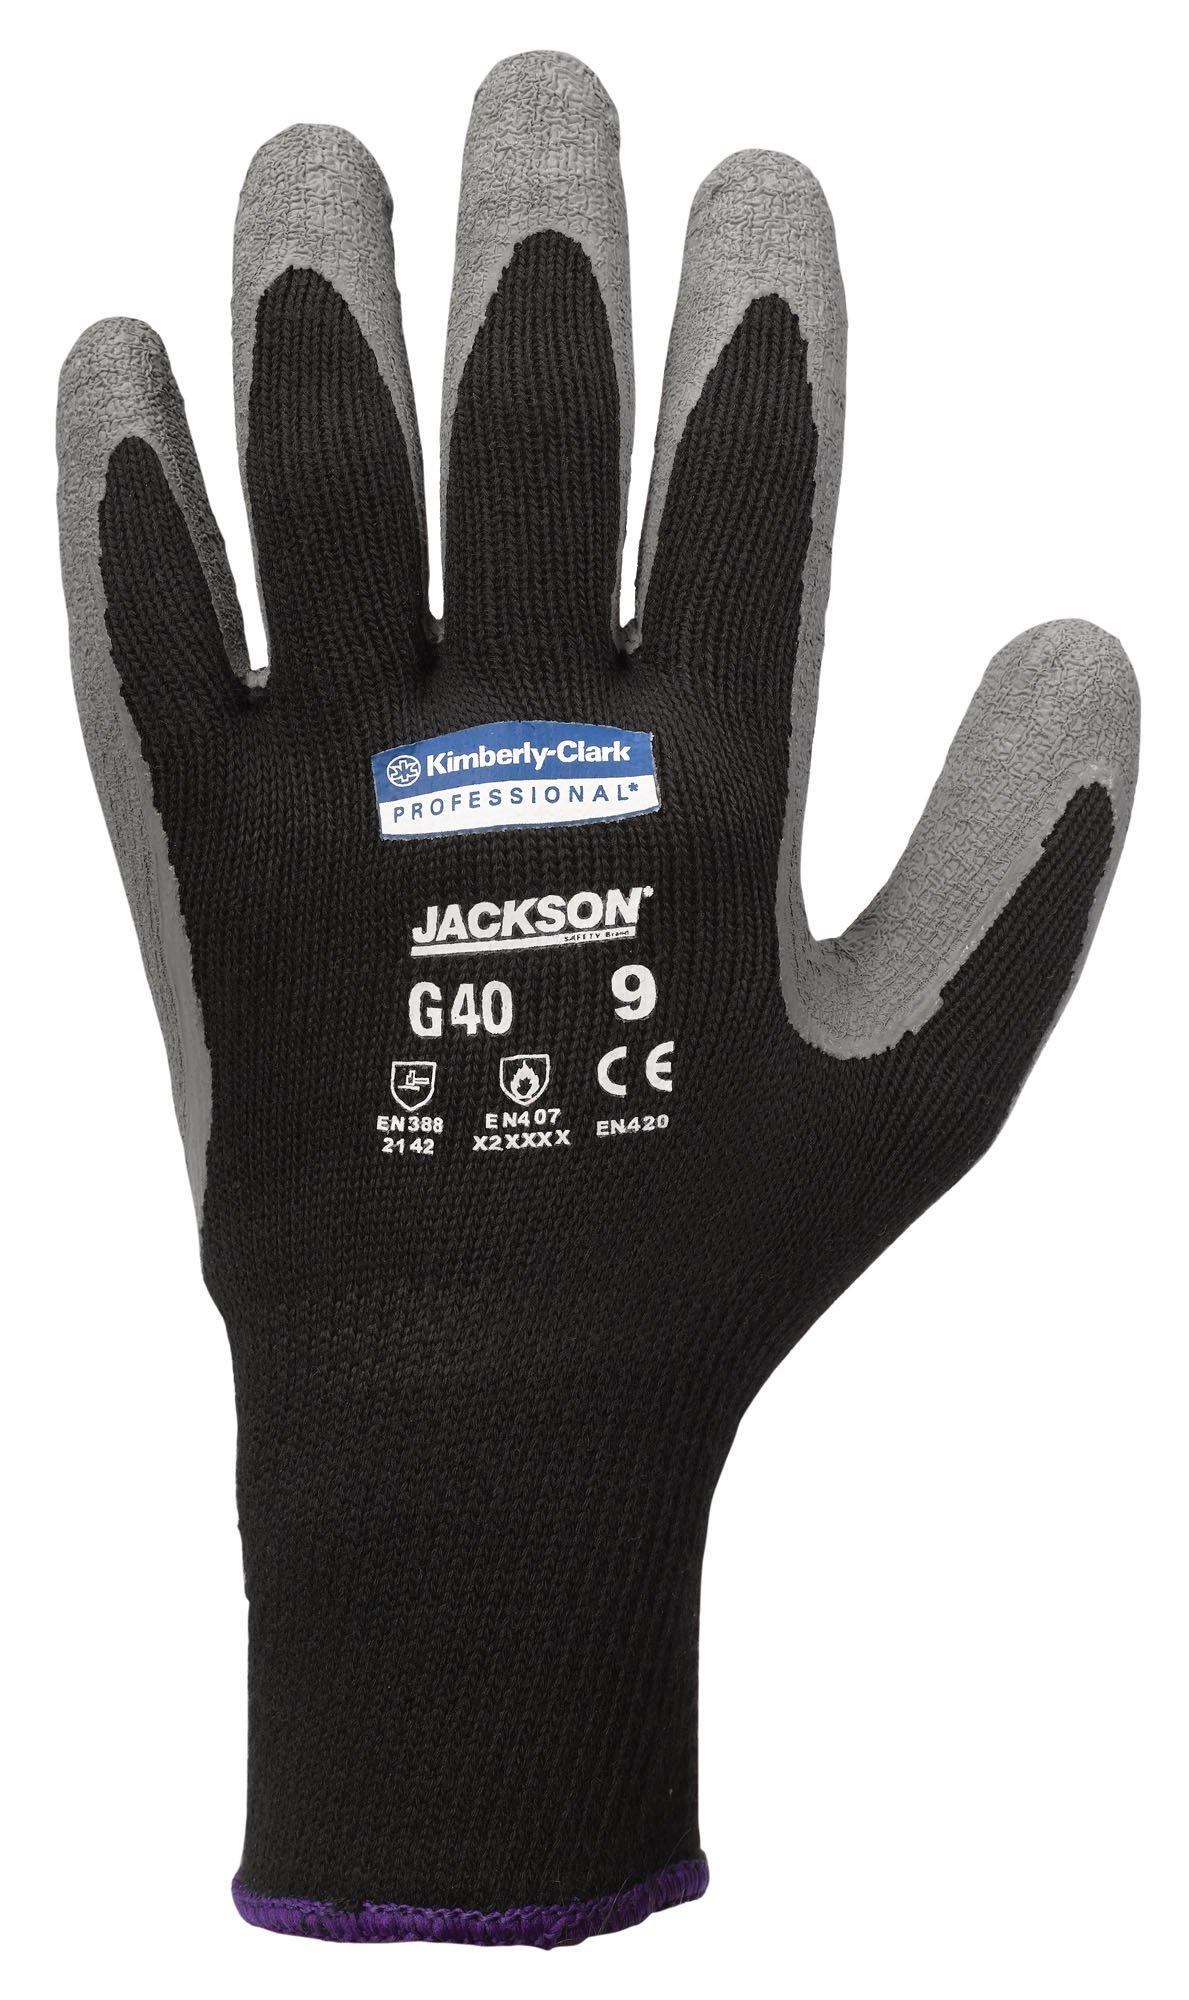 Jackson Safety G40 Latex Coated Glove, Large, Case of 60 by Jackson Safety (Image #1)